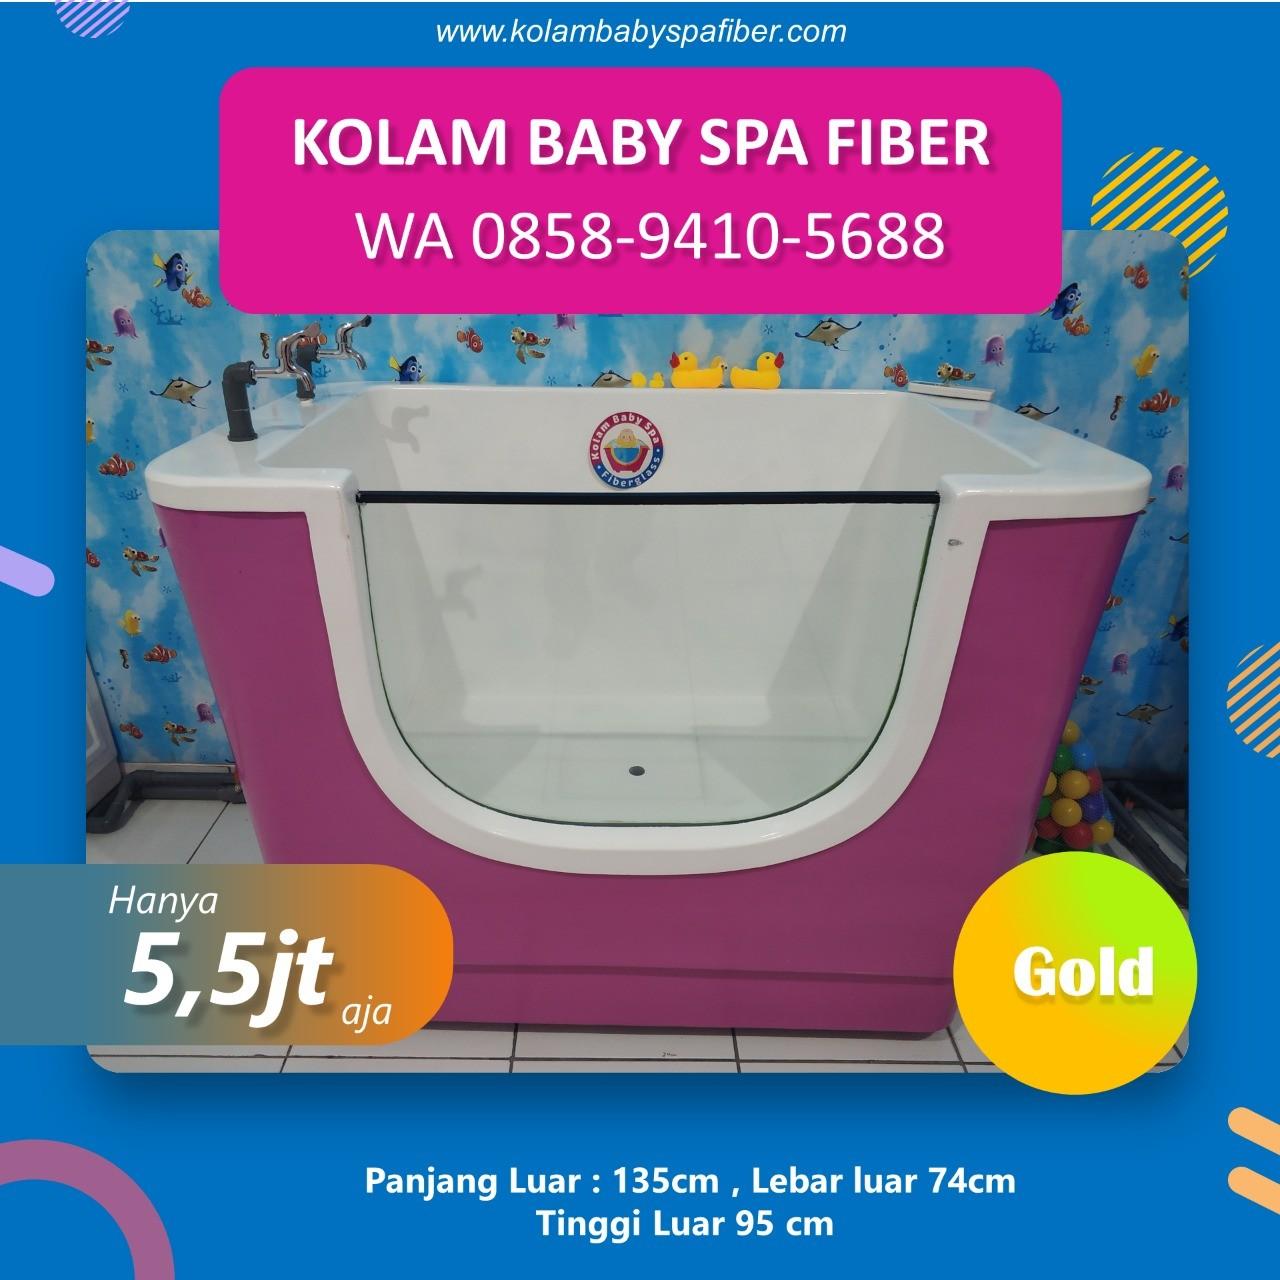 Harga Kolam Baby Spa Kediri berkualitas